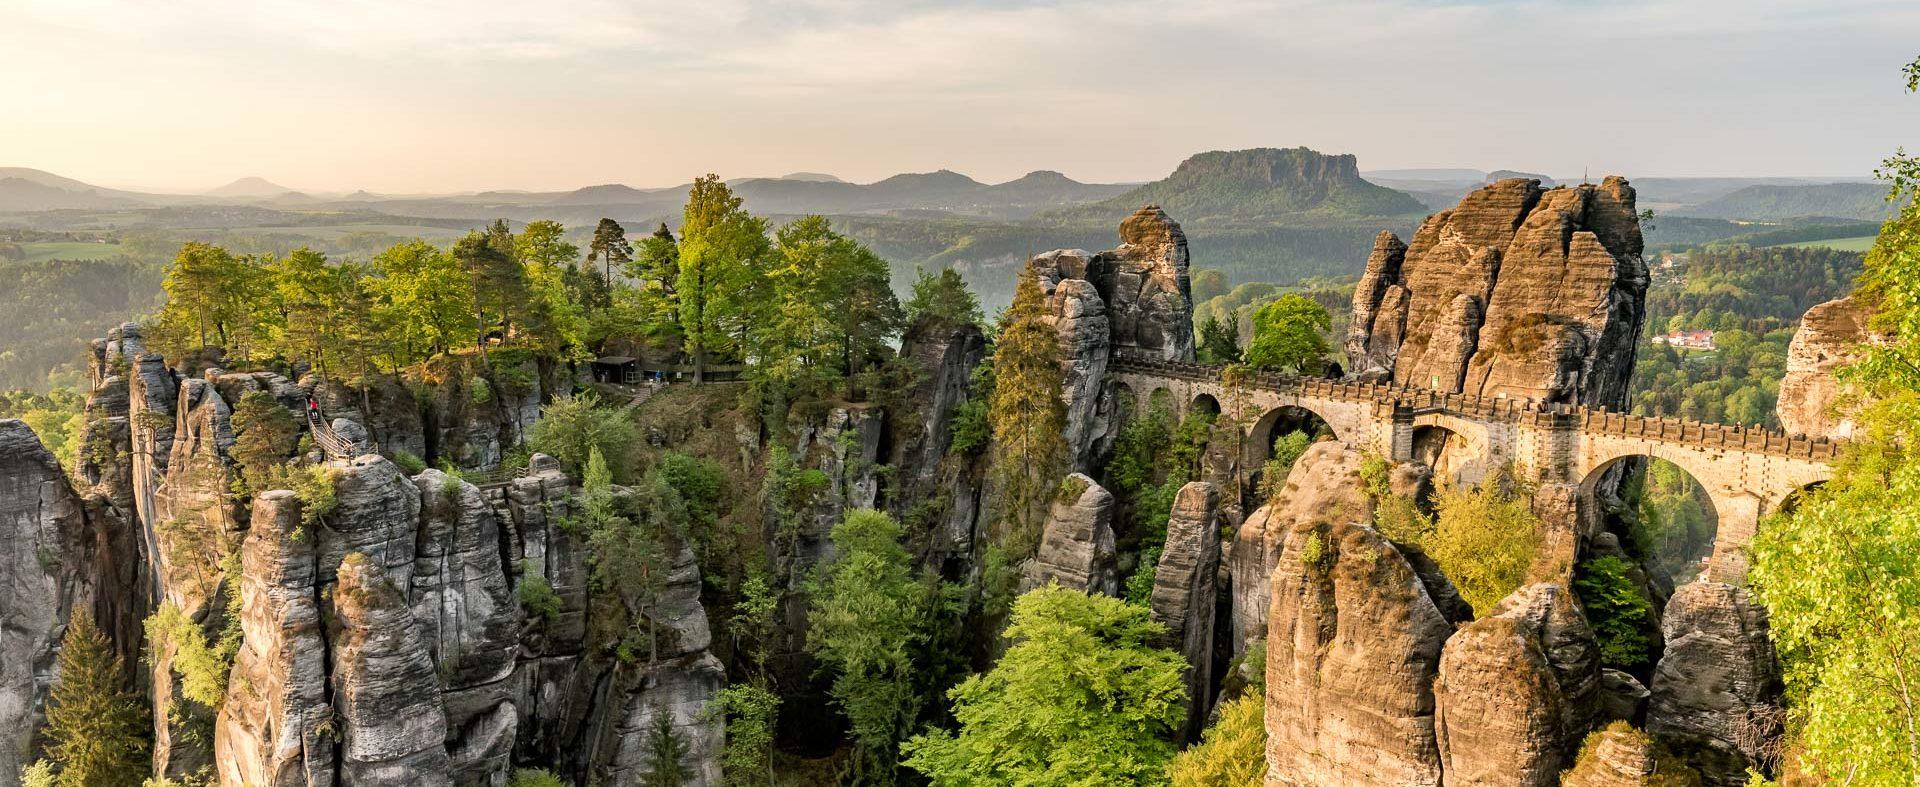 Wanderwochenende im Elbsandsteingebirge.